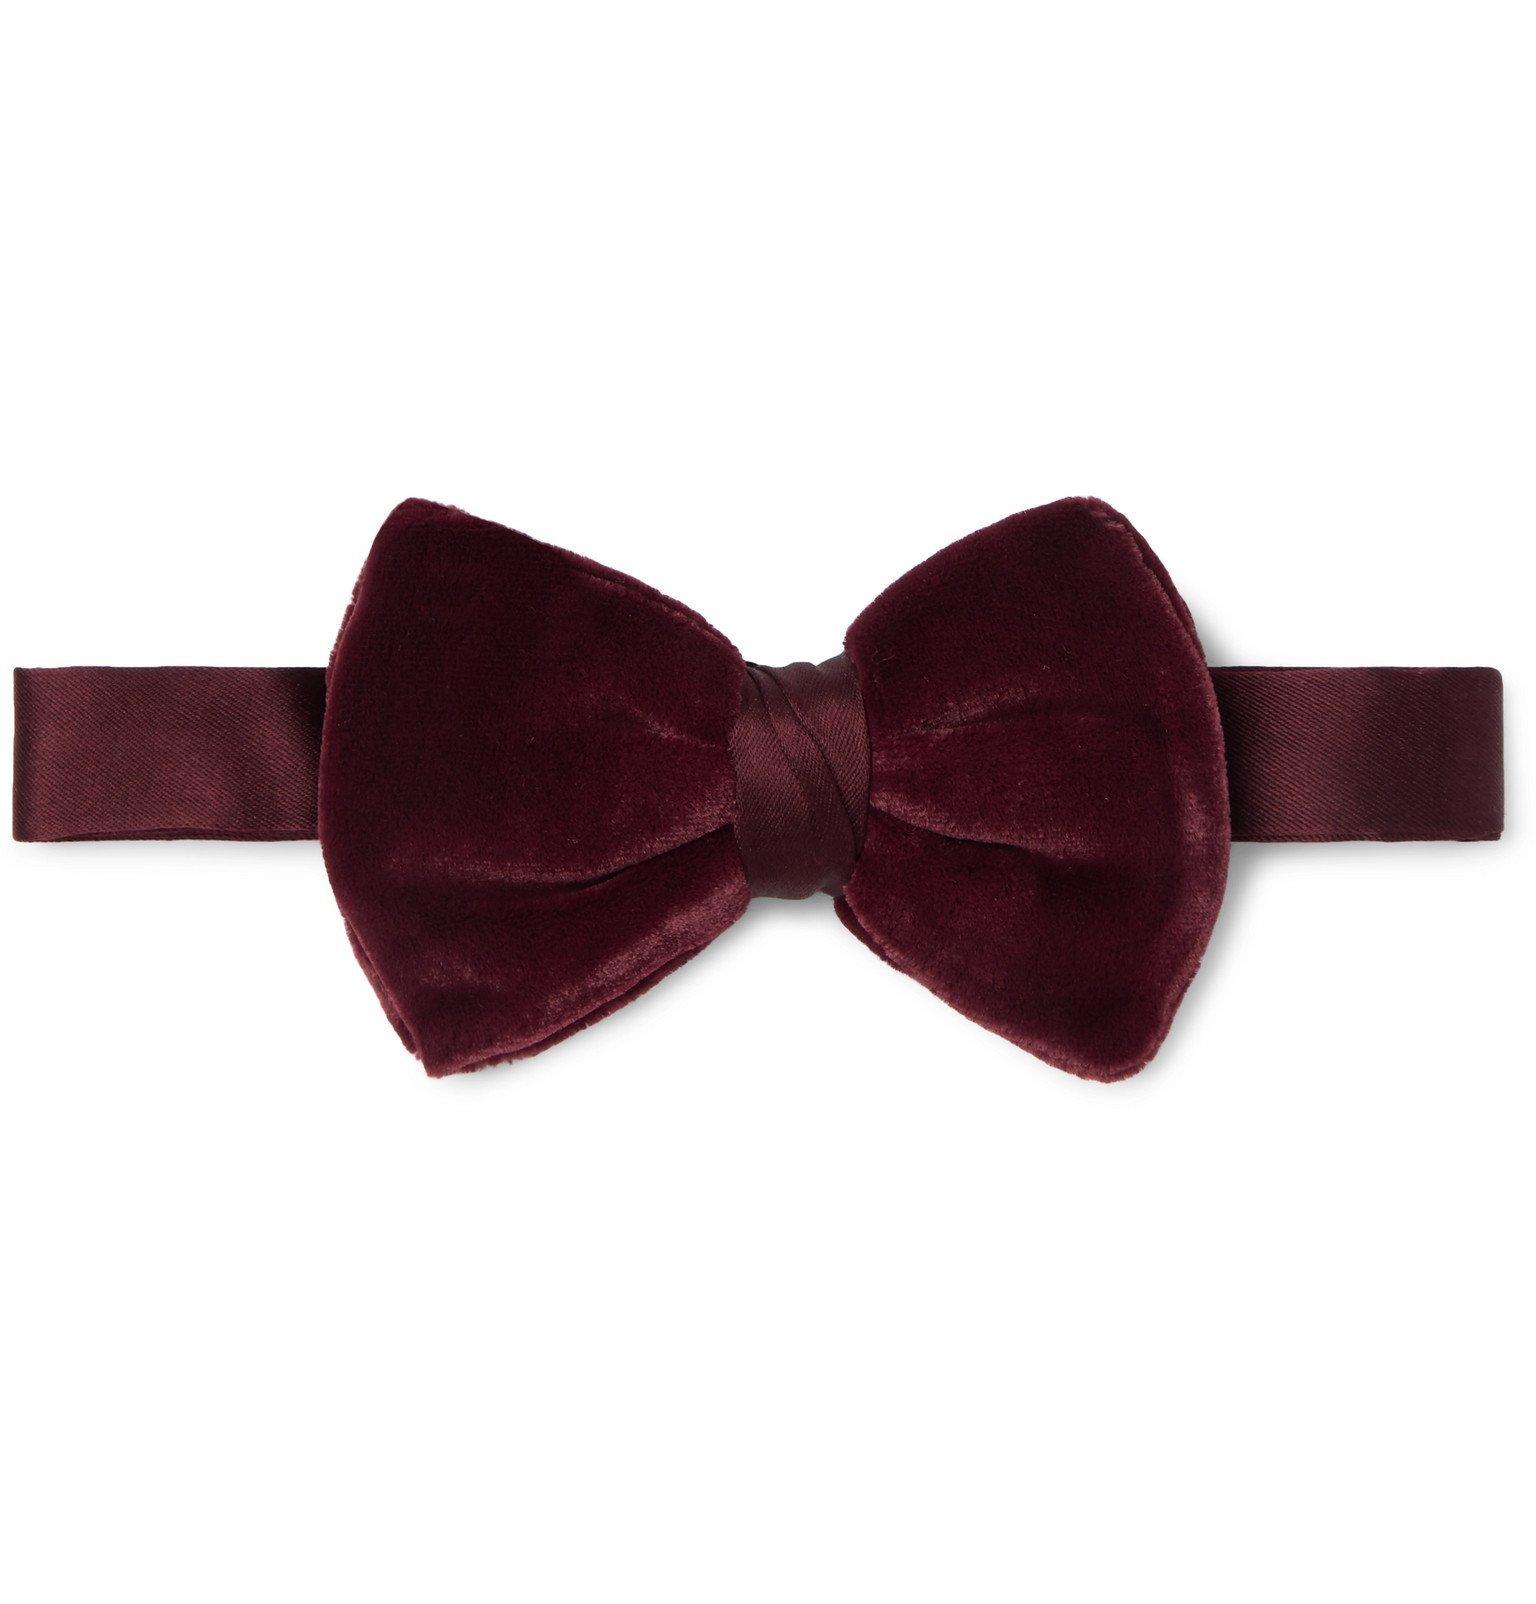 Giorgio Armani - Pre-Tied Velvet and Silk-Blend Satin Bow Tie - Burgundy